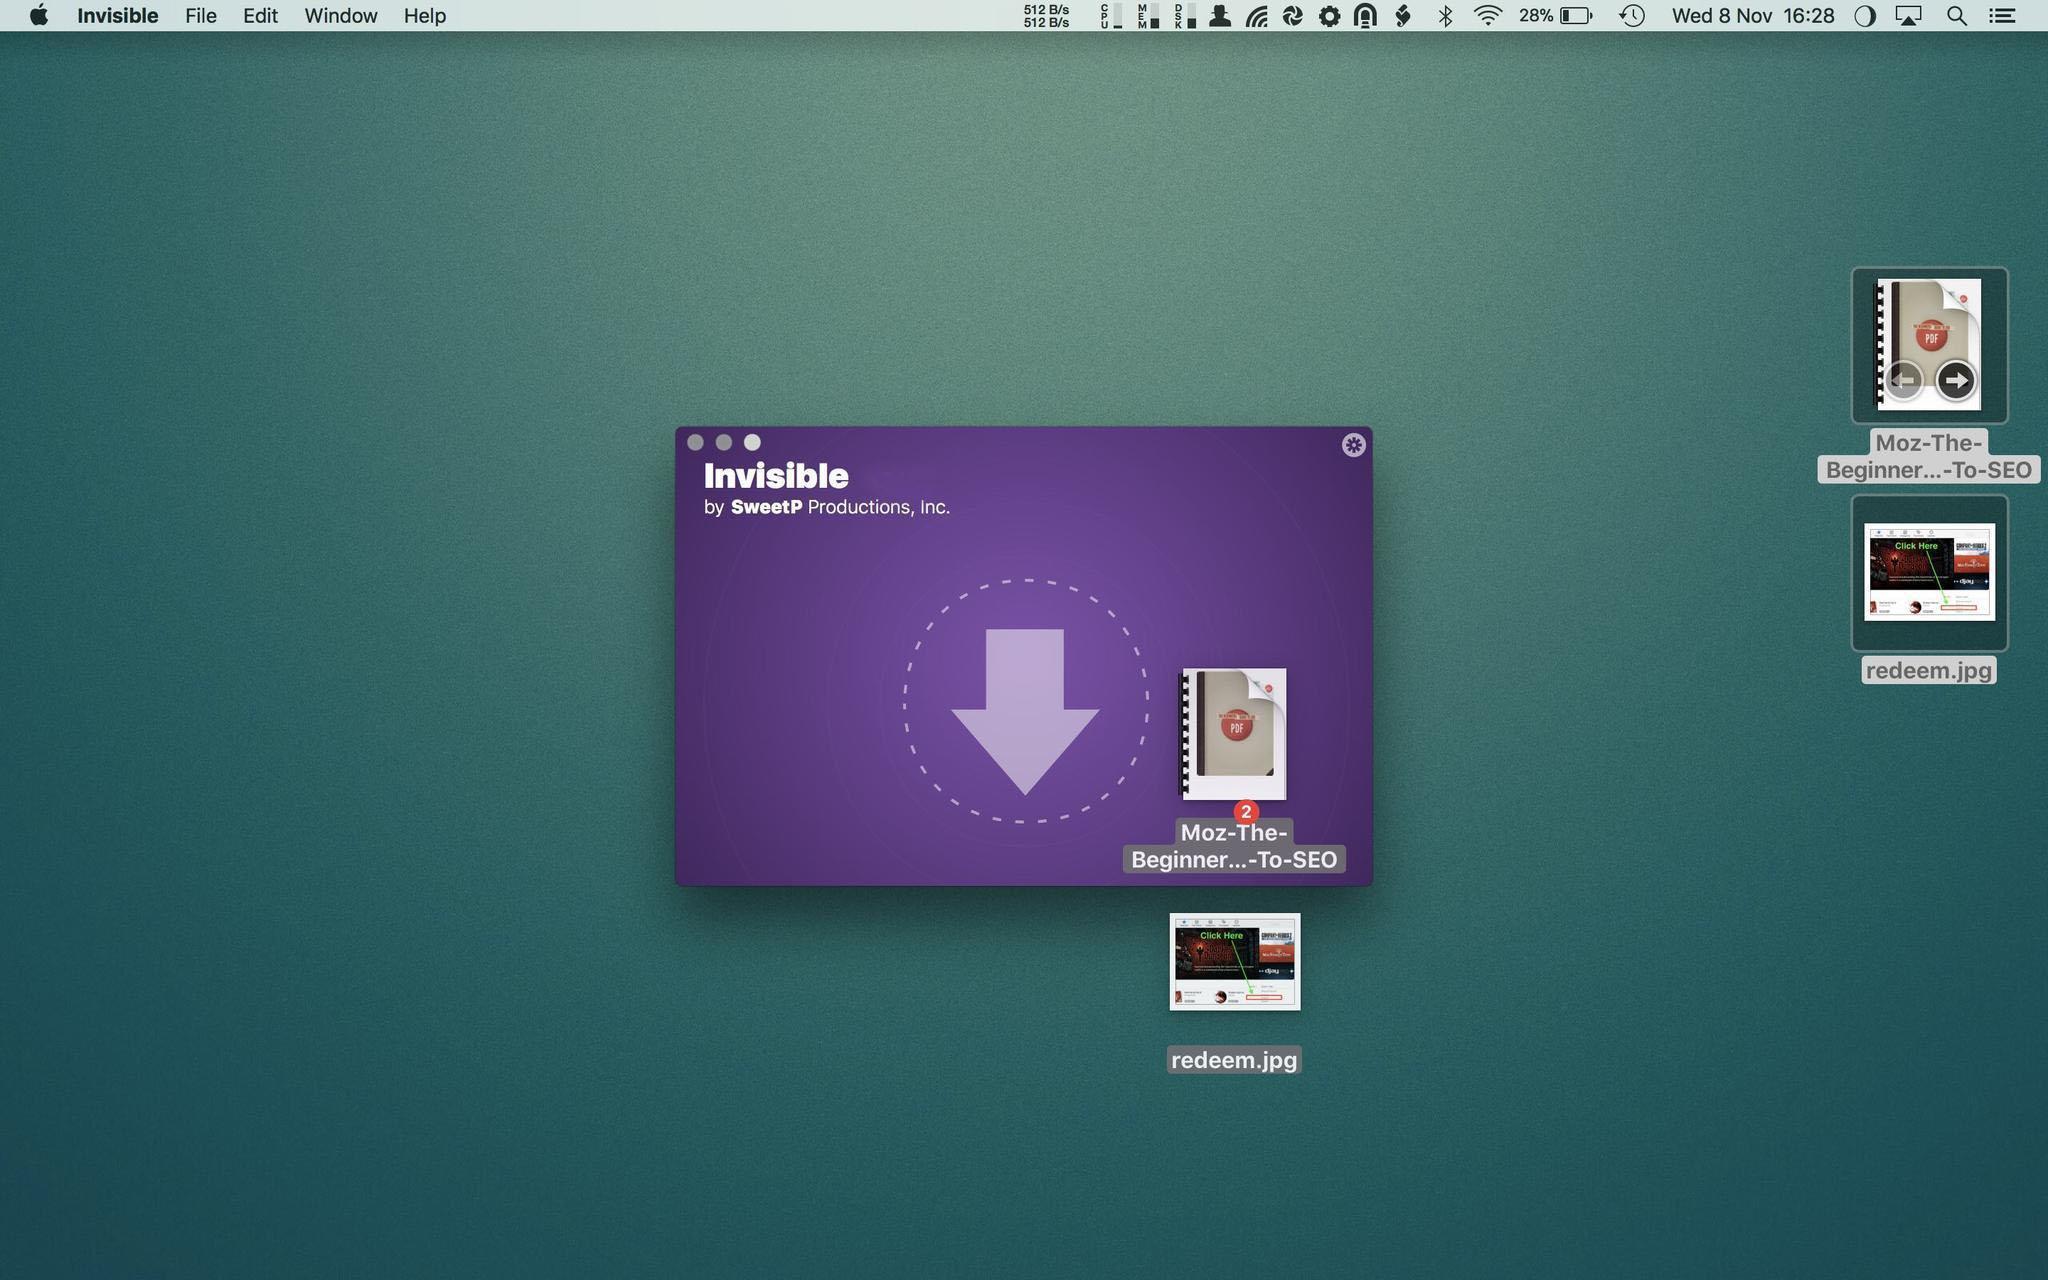 Invisible mac